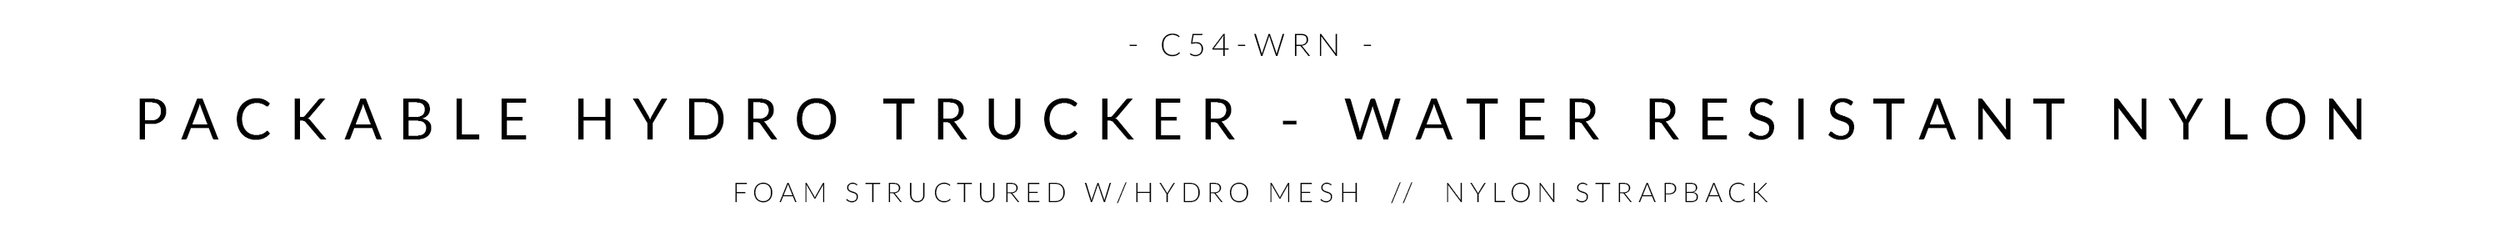 c54-WRN STYLE WEB HEADER.jpg